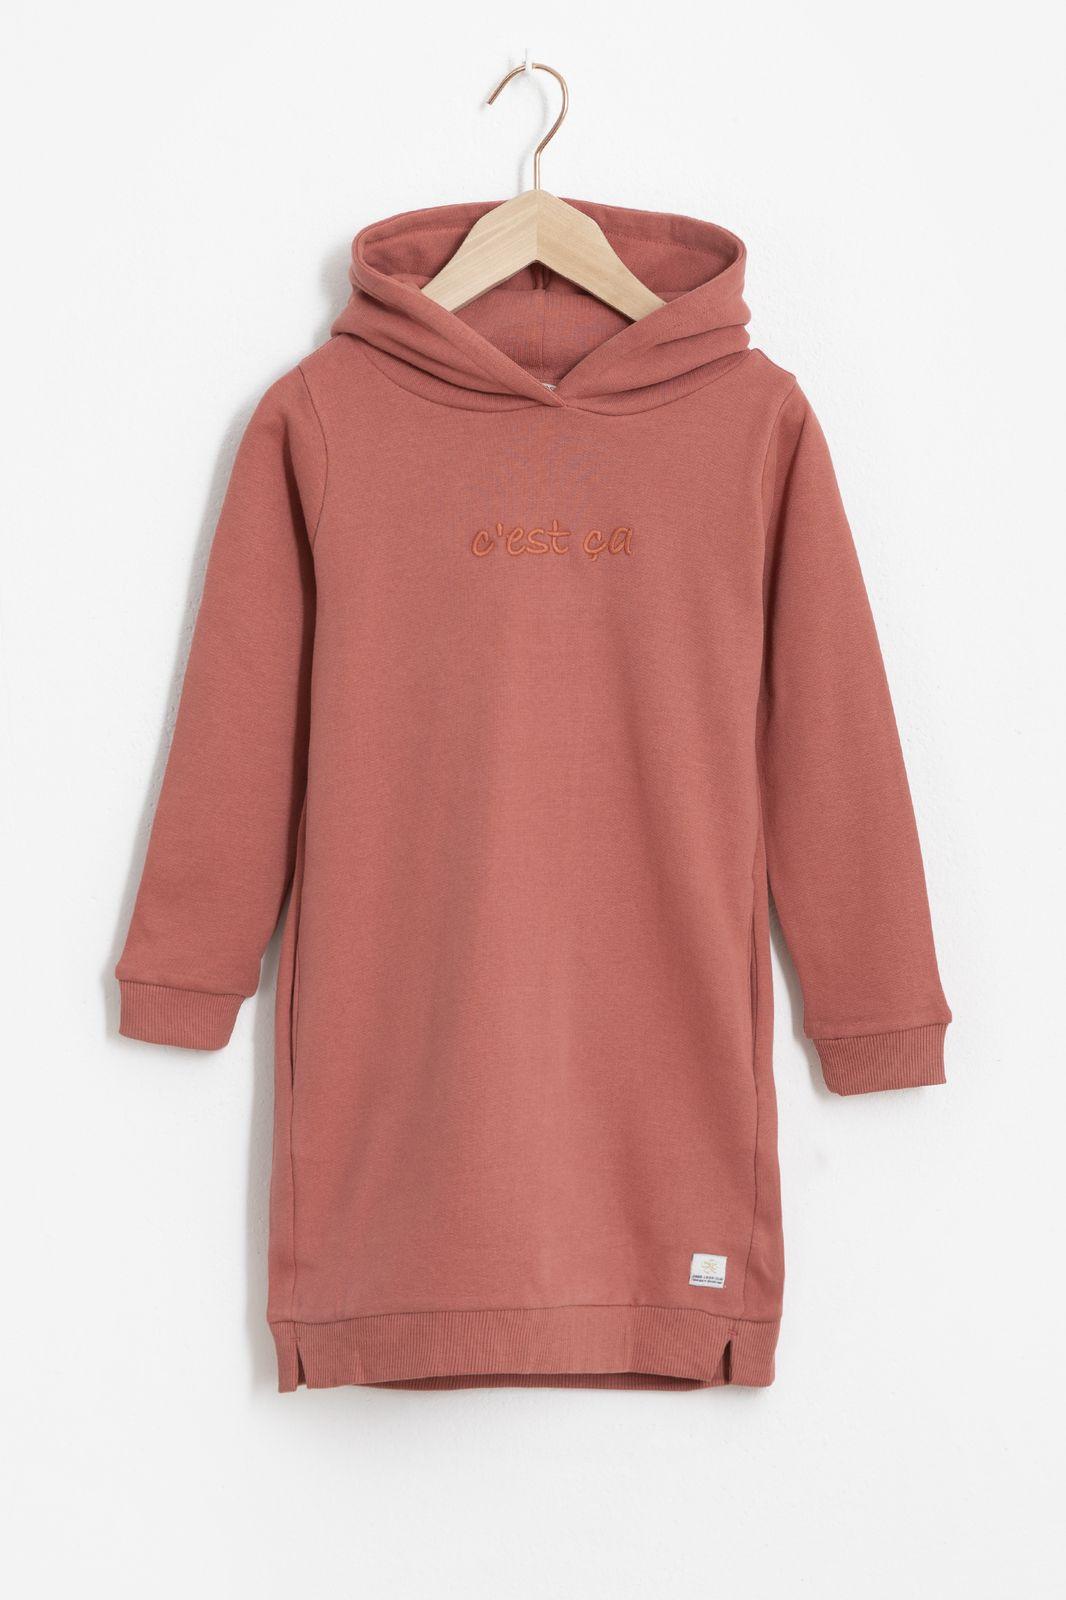 Roze sweater jurk 'c'est ça' - Kids | Sissy-Boy